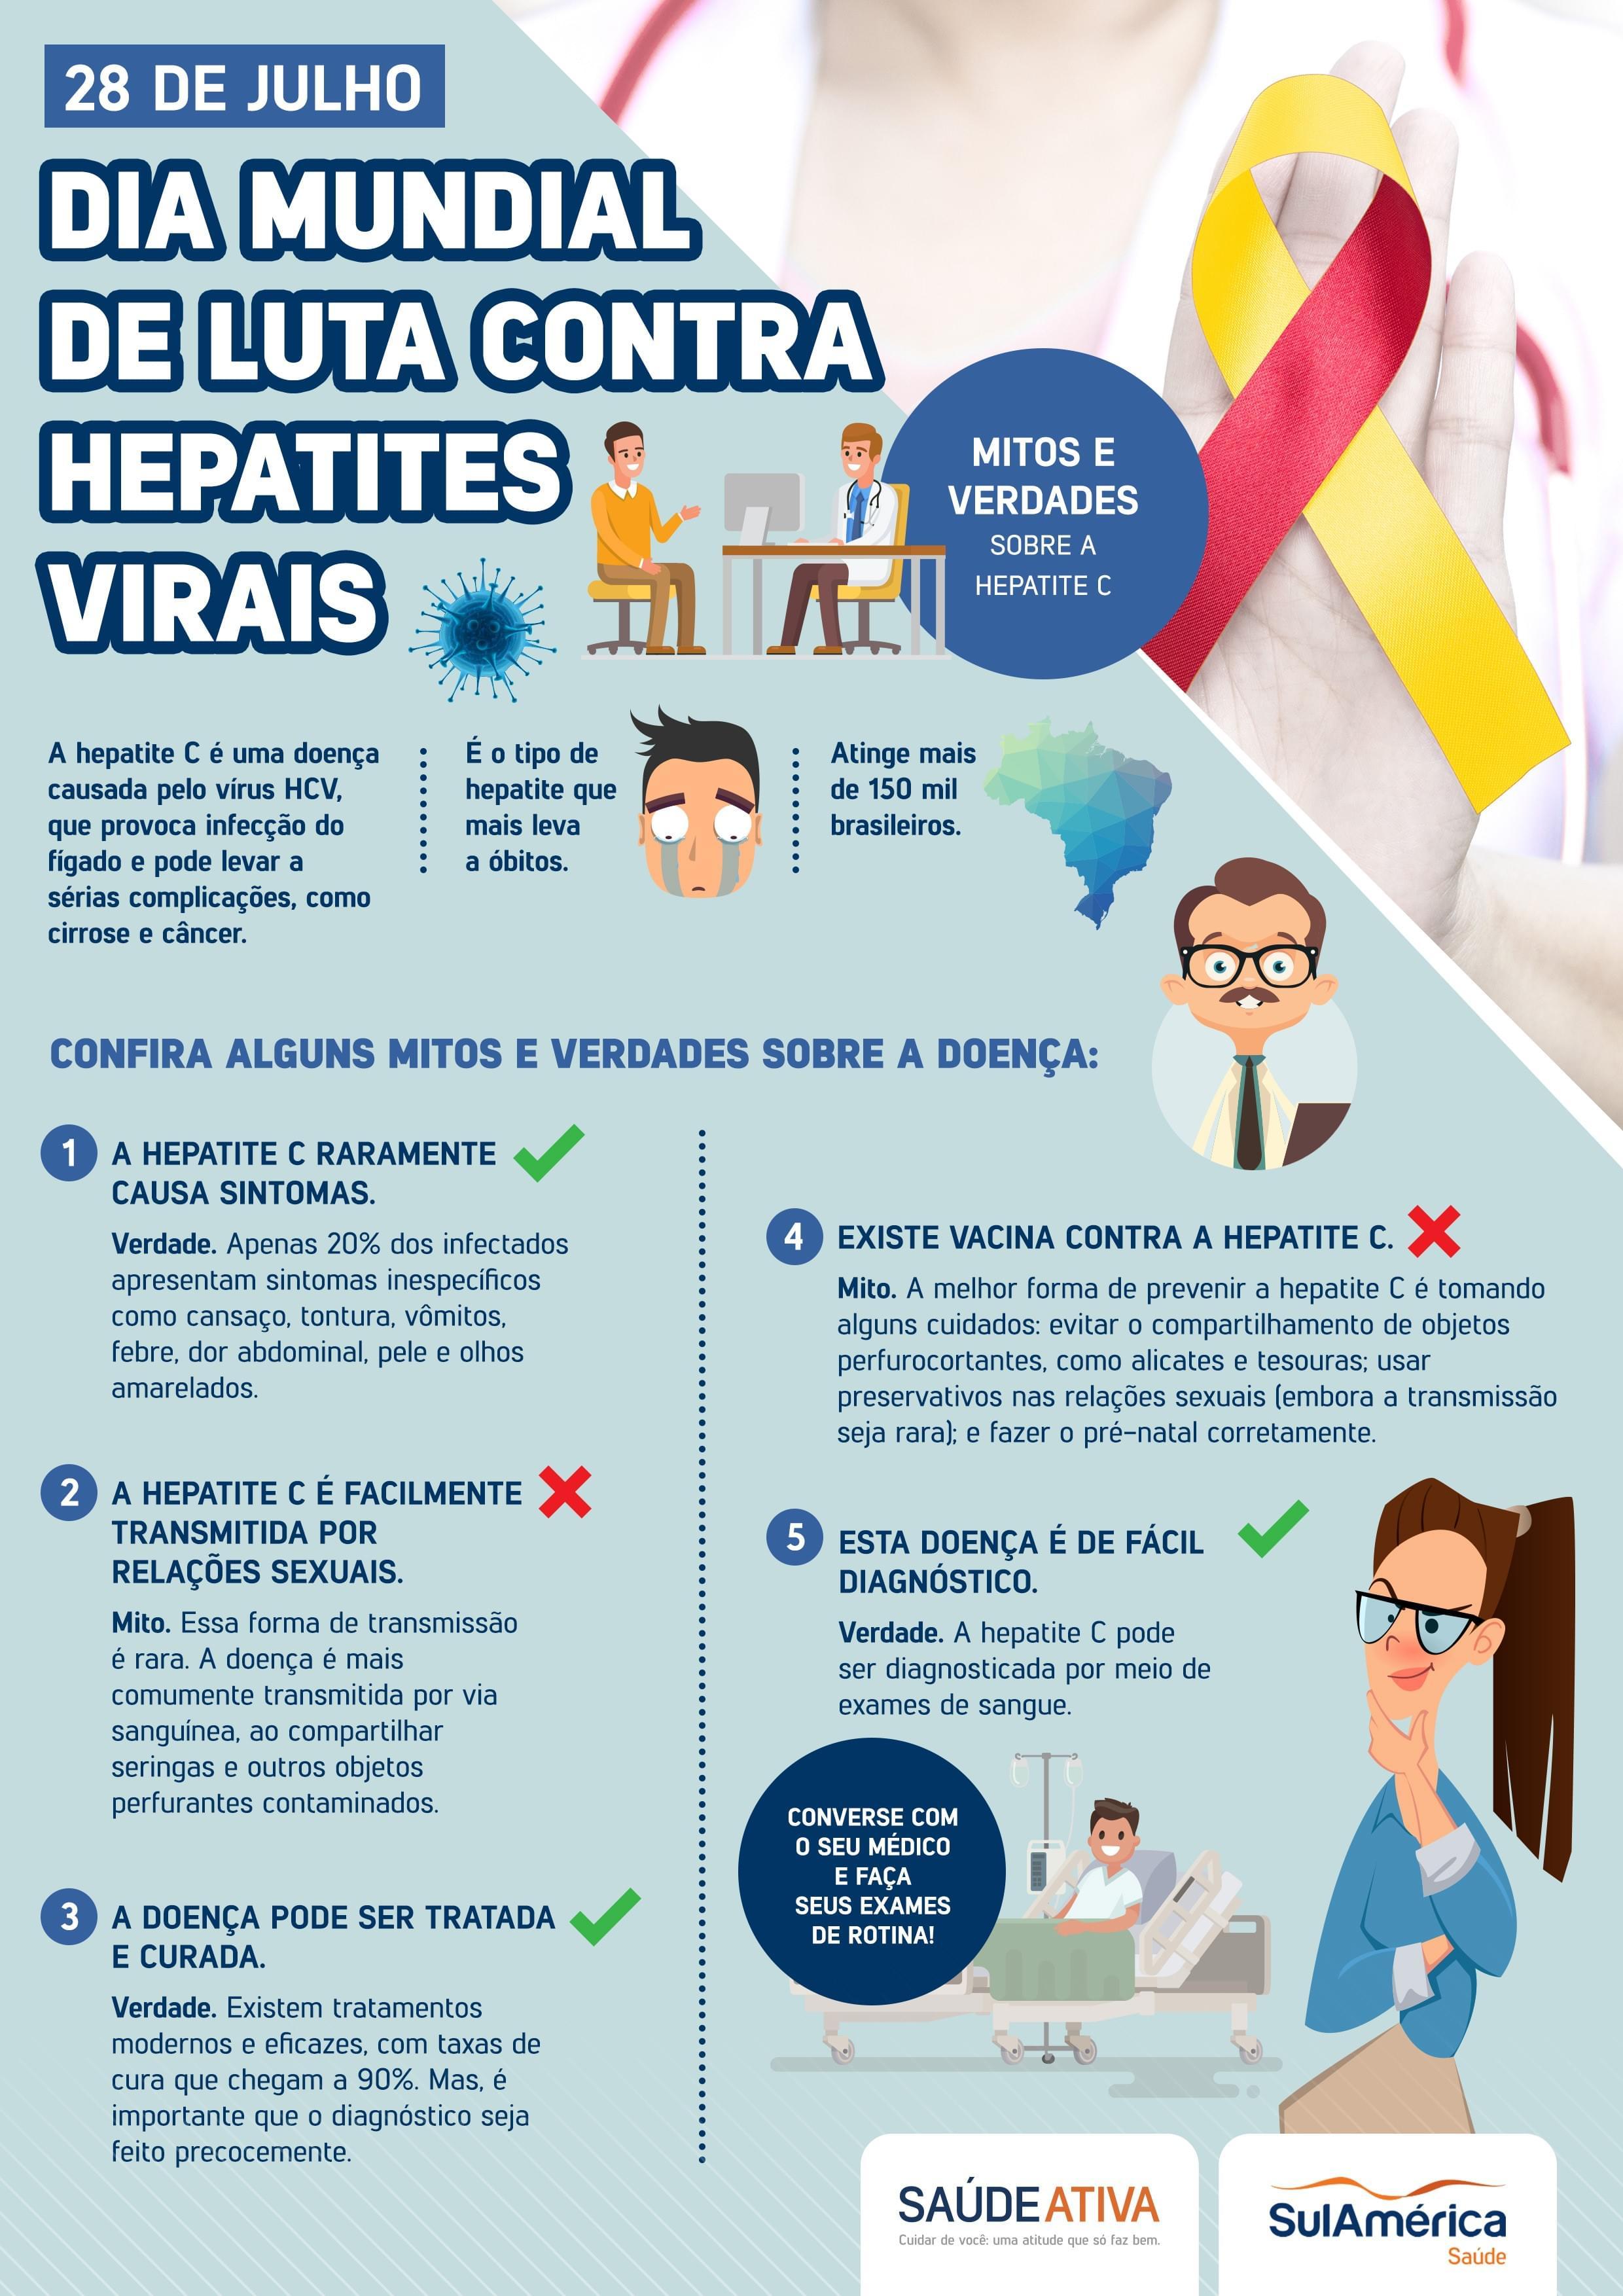 Dia mundial luta contra hepatites virais